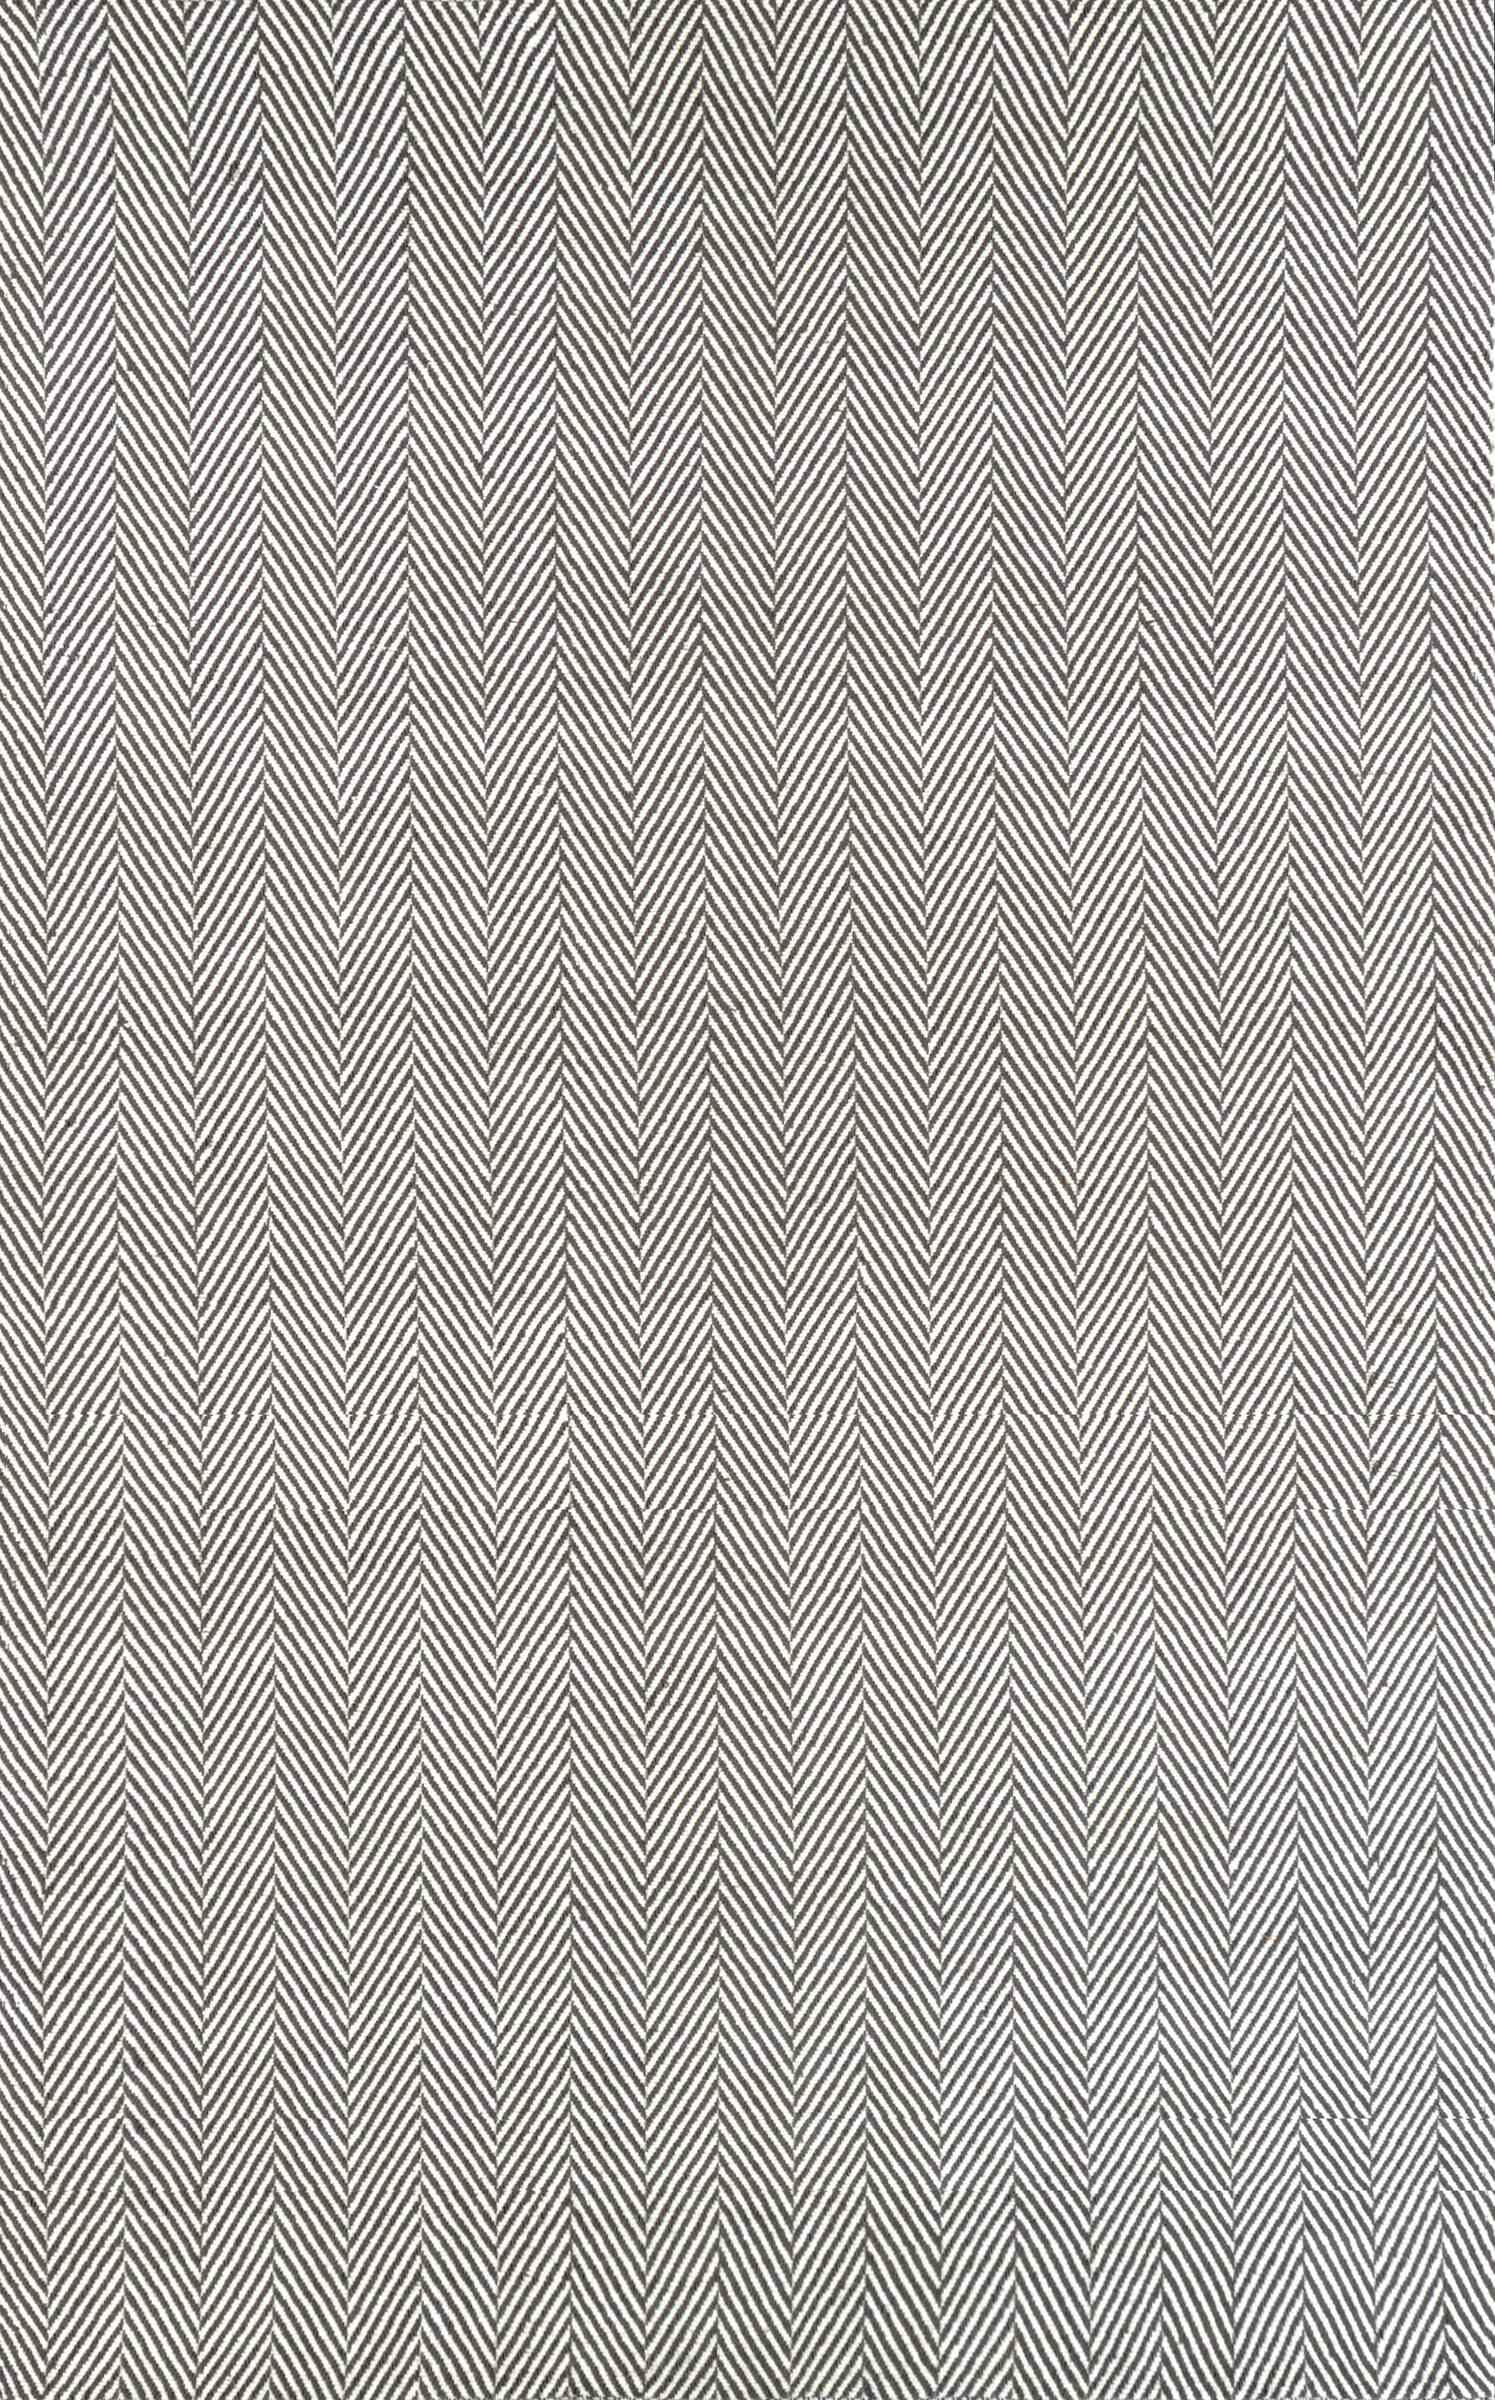 Calvert Hand-Woven Gray Area Rug Rug Size: Rectangle 5' x 8'